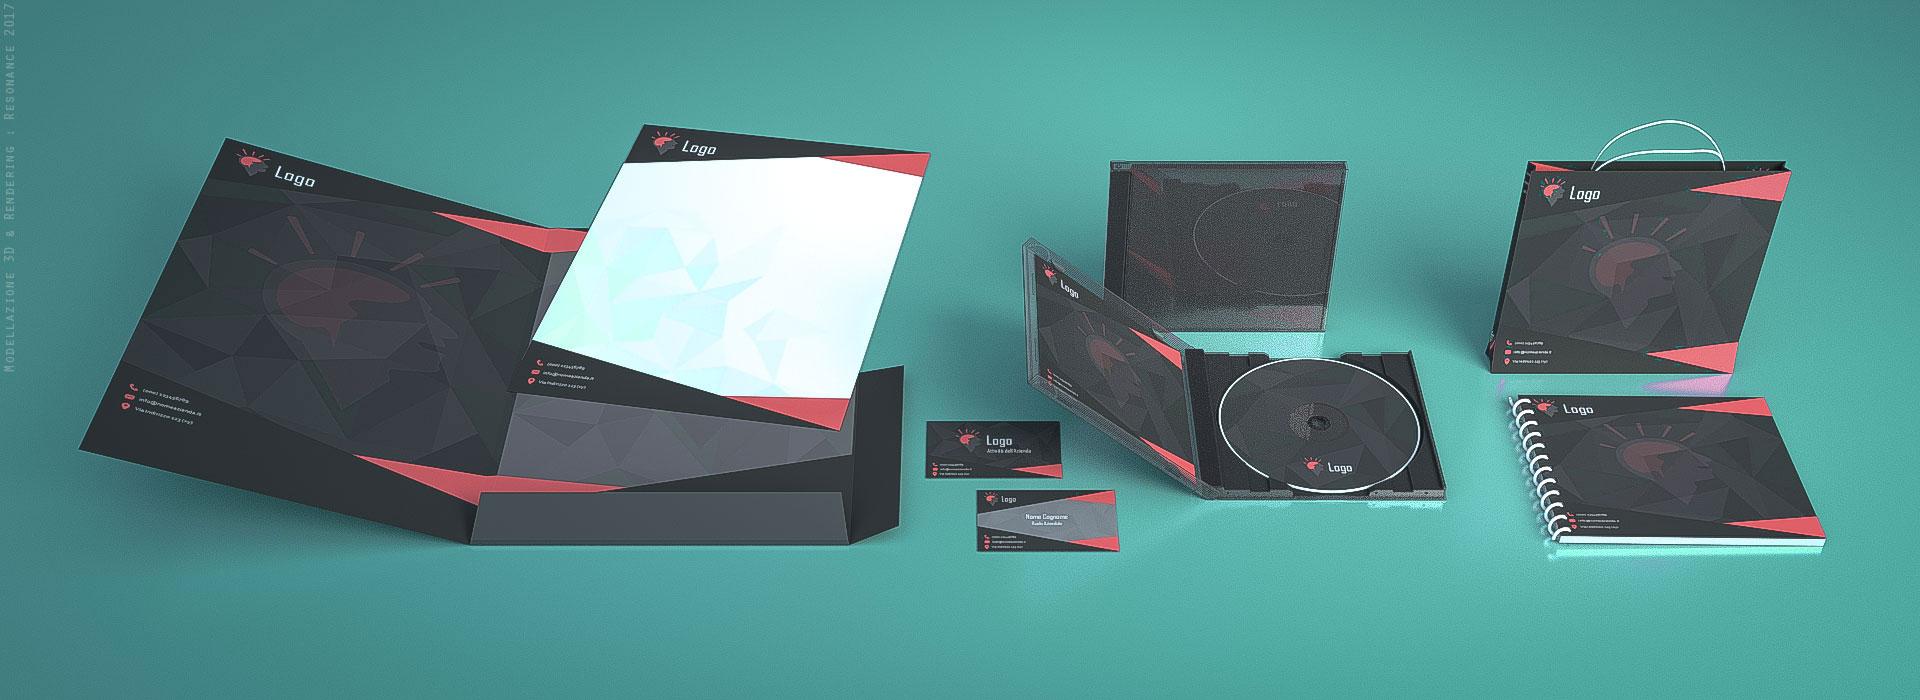 Immagine 3D di carta intestata, biglietti da visita, brochure, grafica pubblicitaria